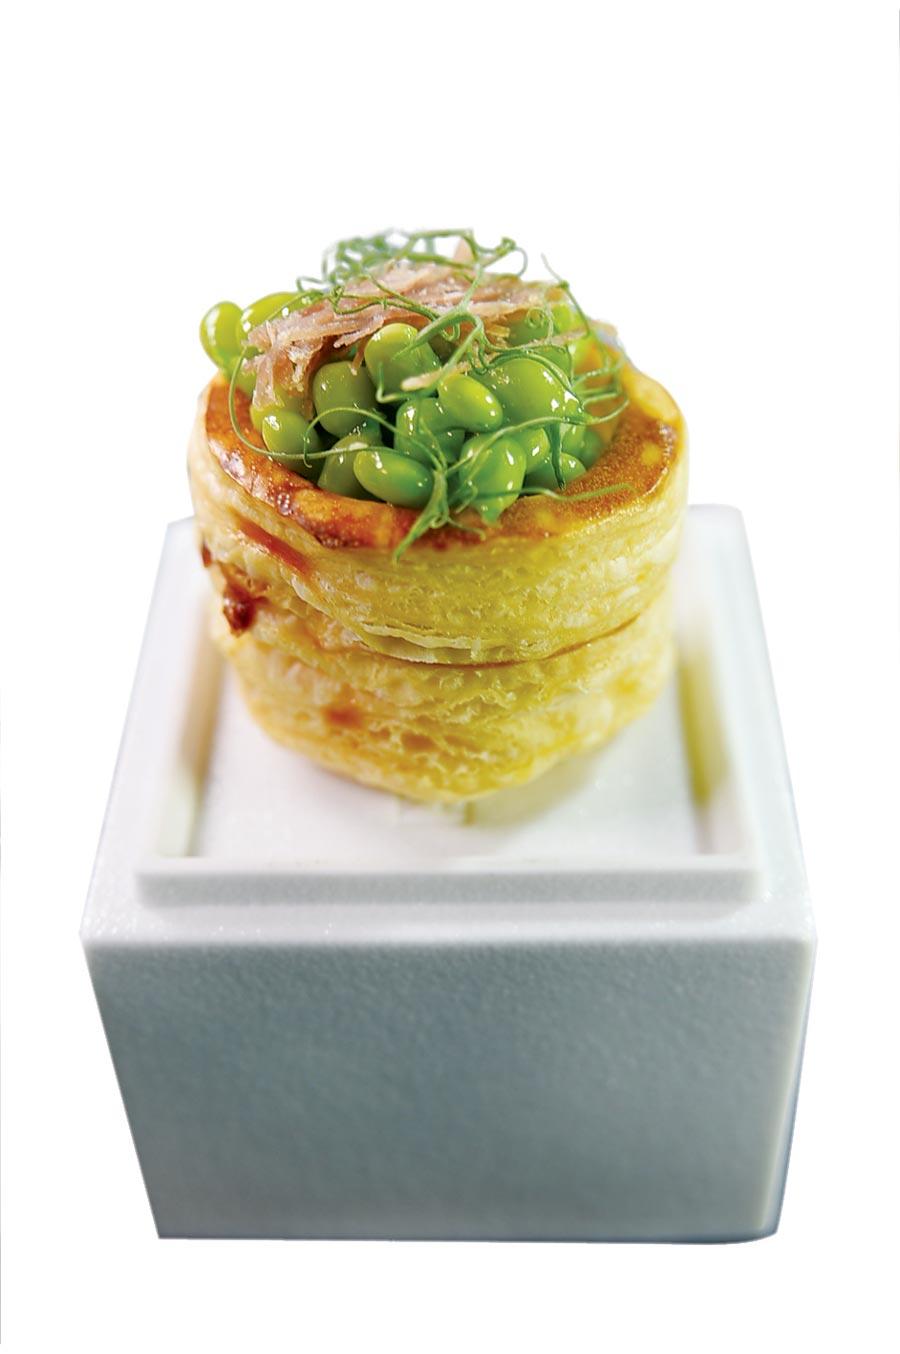 用法國料理的酥盒與中菜甜豌豆和火腿絲搭配,〈天香樓〉全新的開胃小菜好吃好看。圖/姚舜